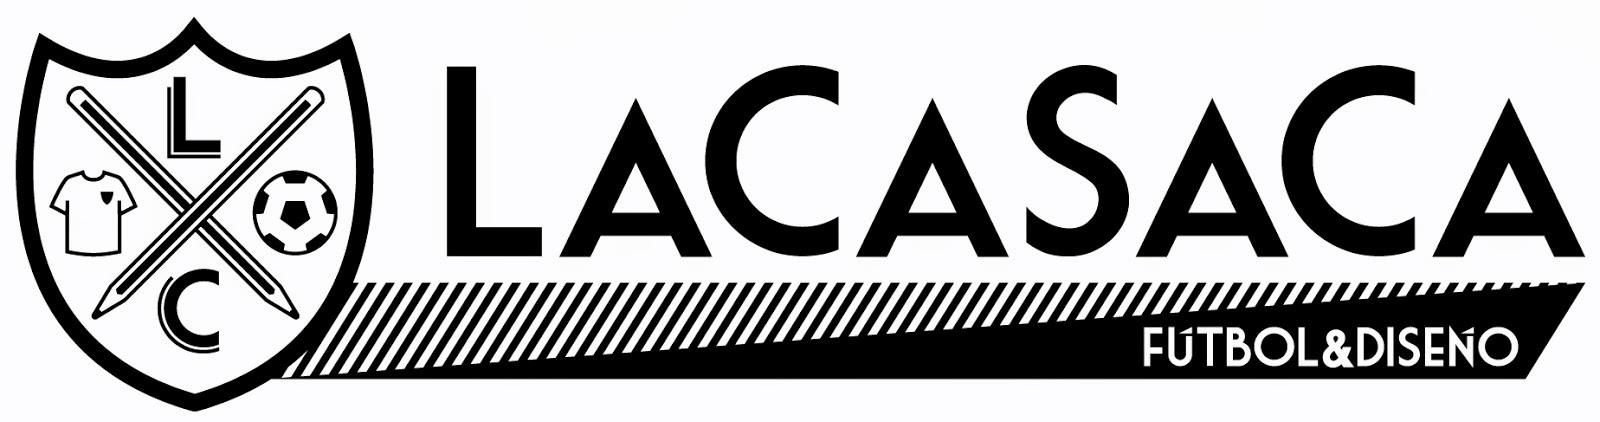 La Casaca :: Fútbol & Diseño :: Pasión & Creatividad